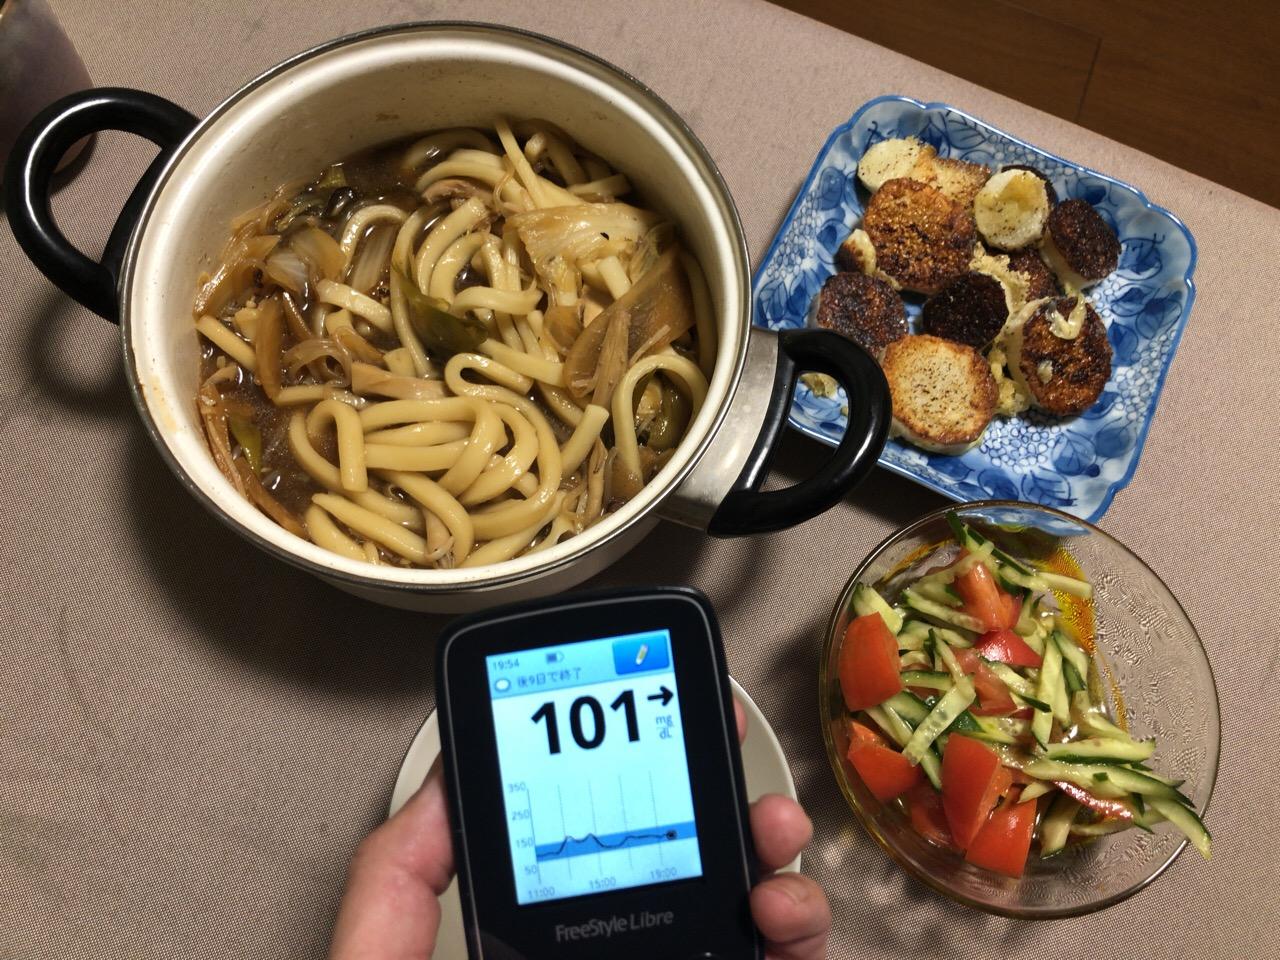 プロテインを飲んで出勤の仕事始め,夕食のうどんが鋭く200mg/dLまで血糖値を上げた1日|糖尿病内科医のフリースタイルリブレ自己血糖記録